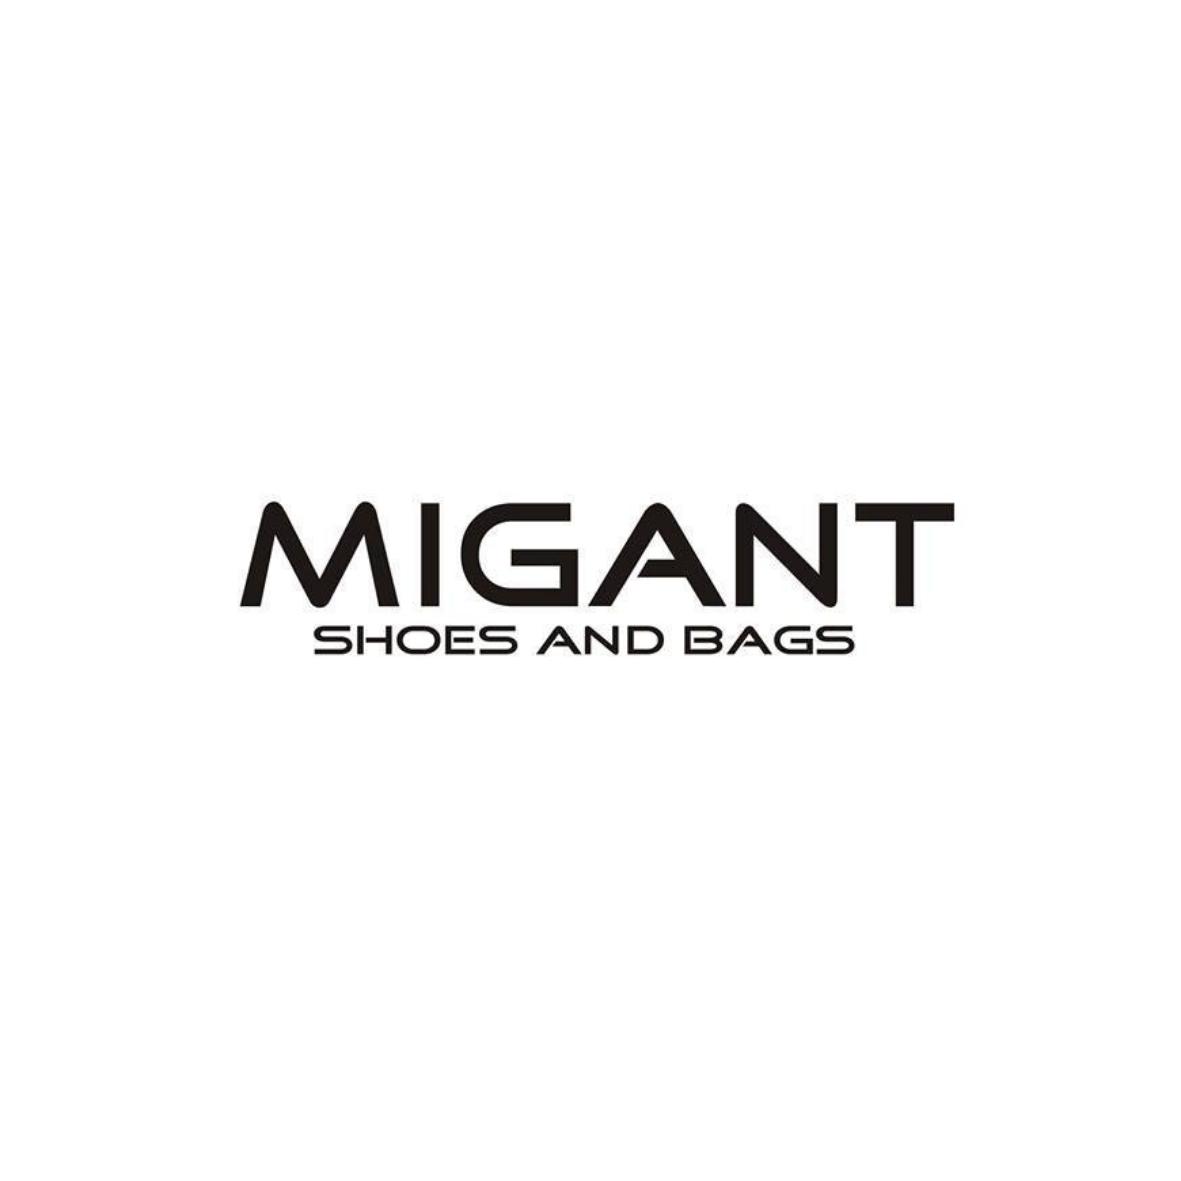 Migant